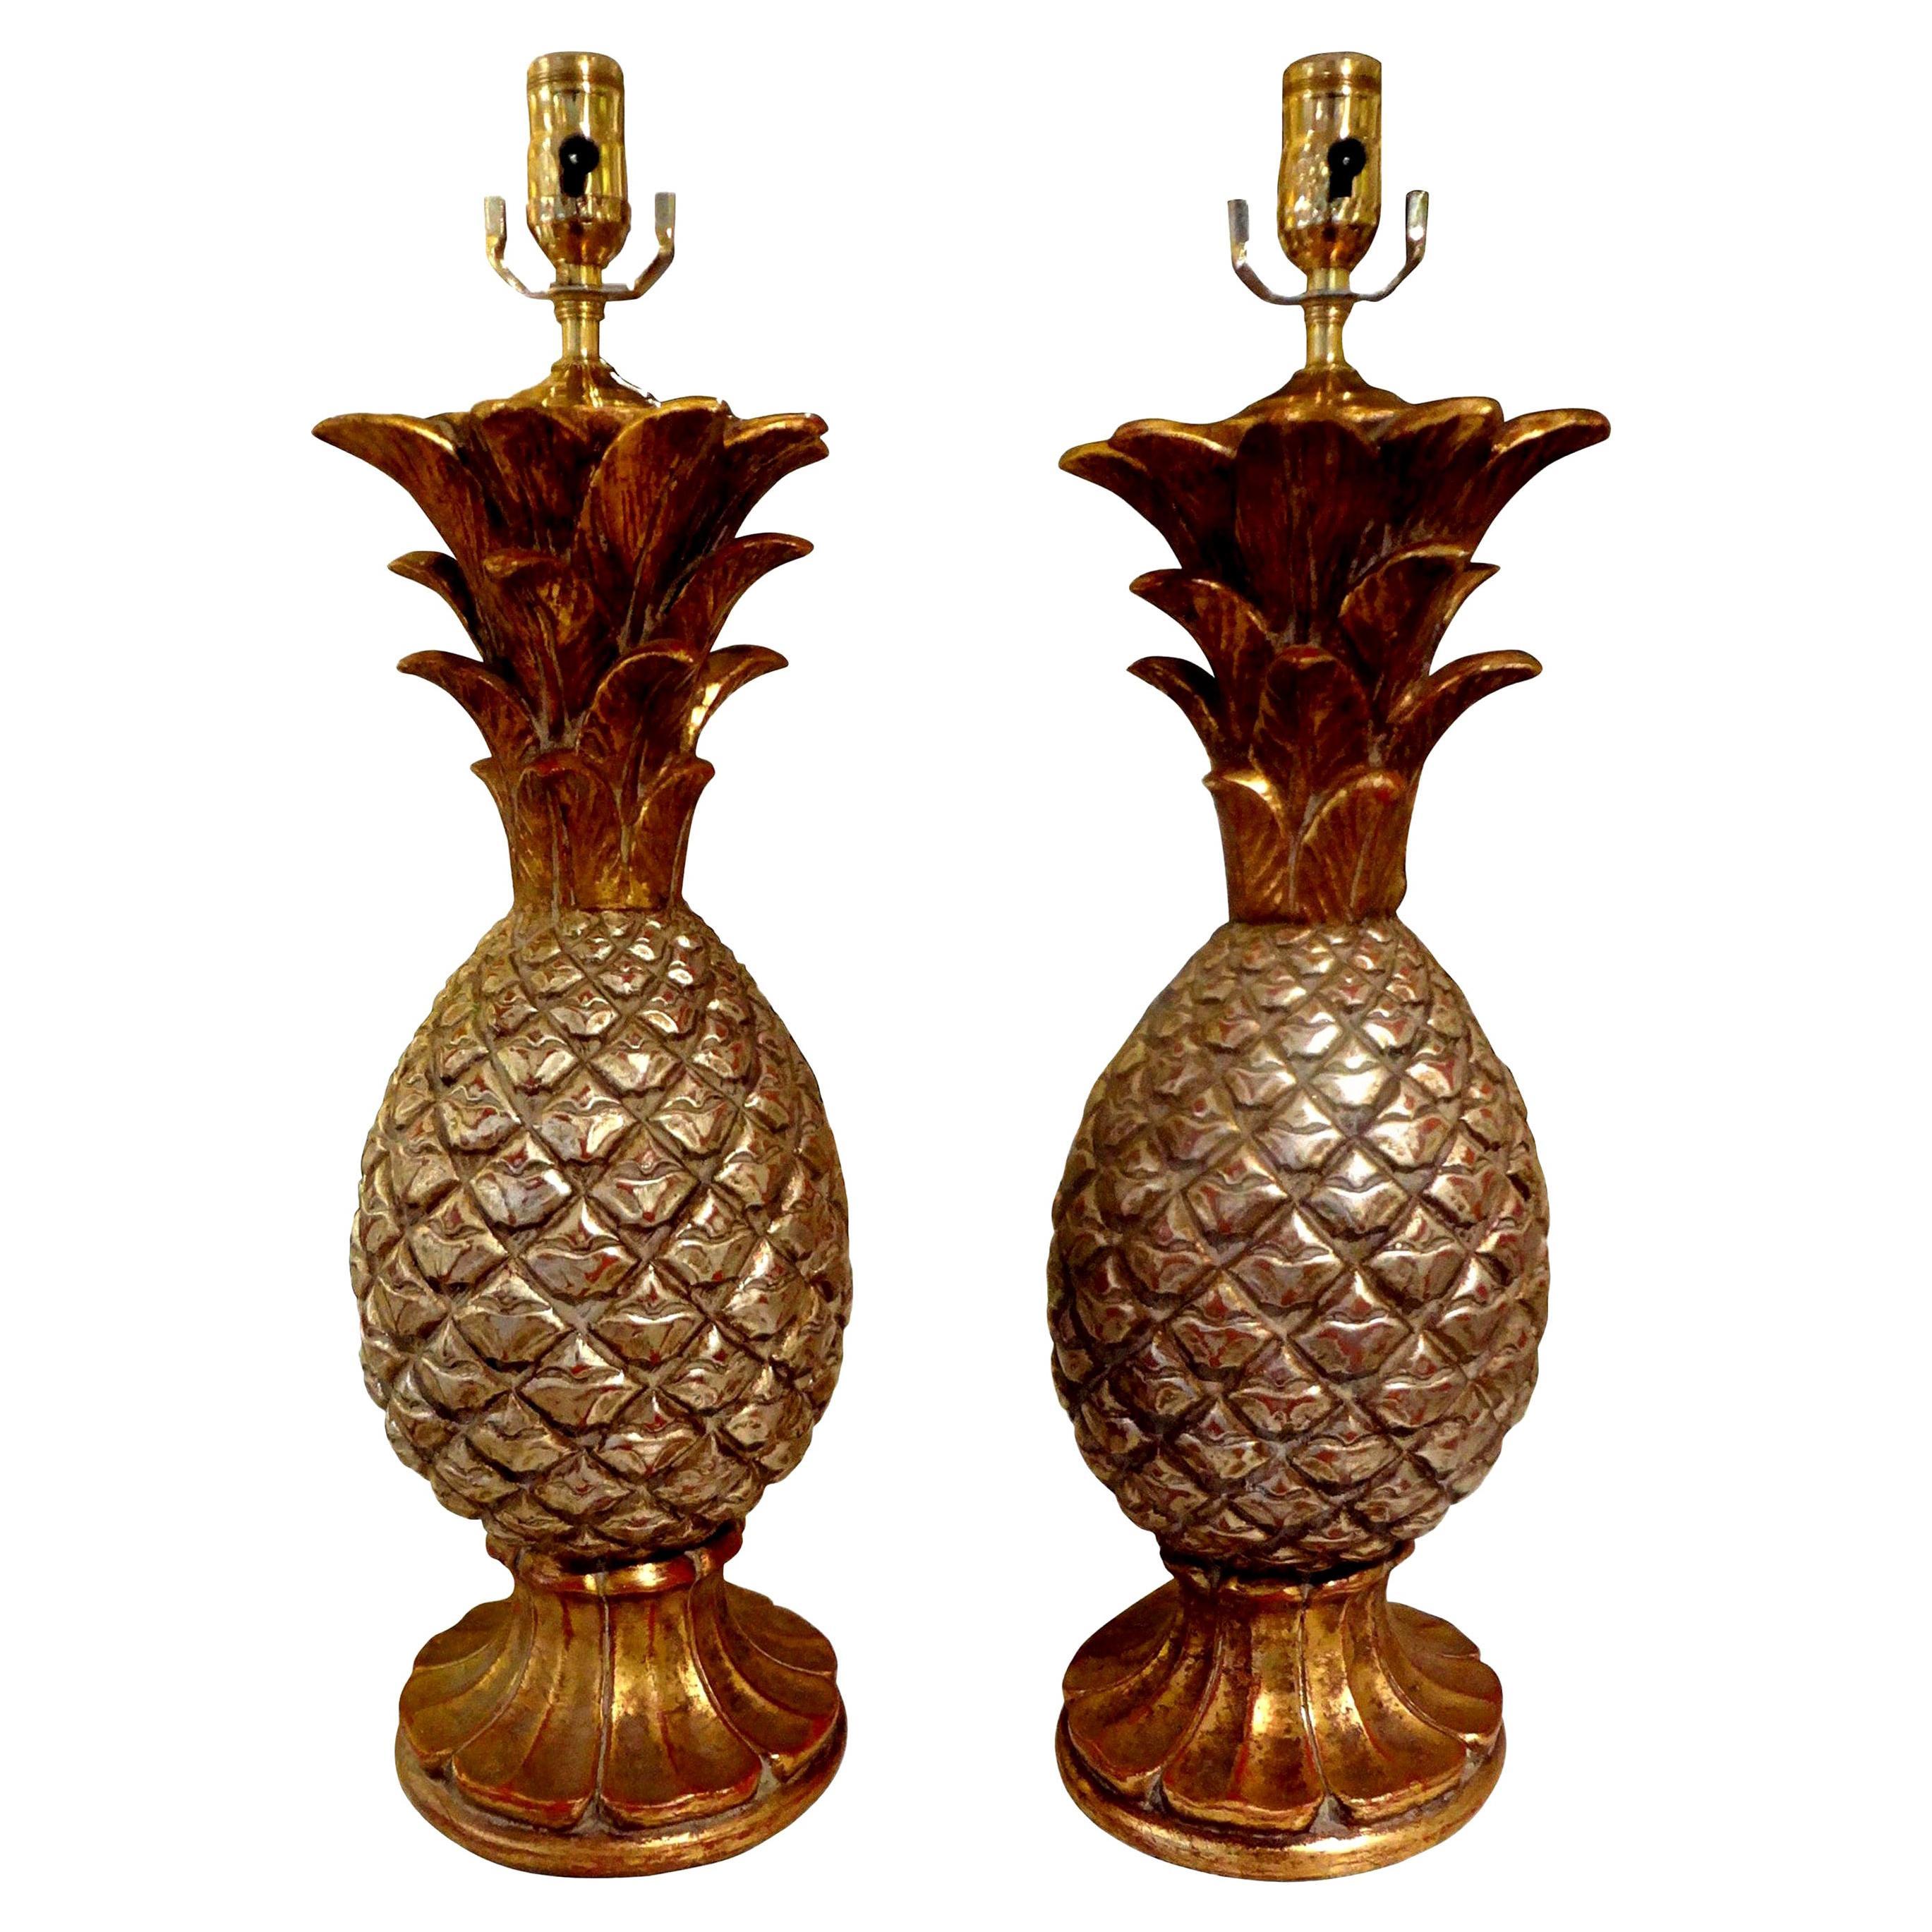 Pair of Vintage Italian Gilt Terracotta Pineapple Lamps